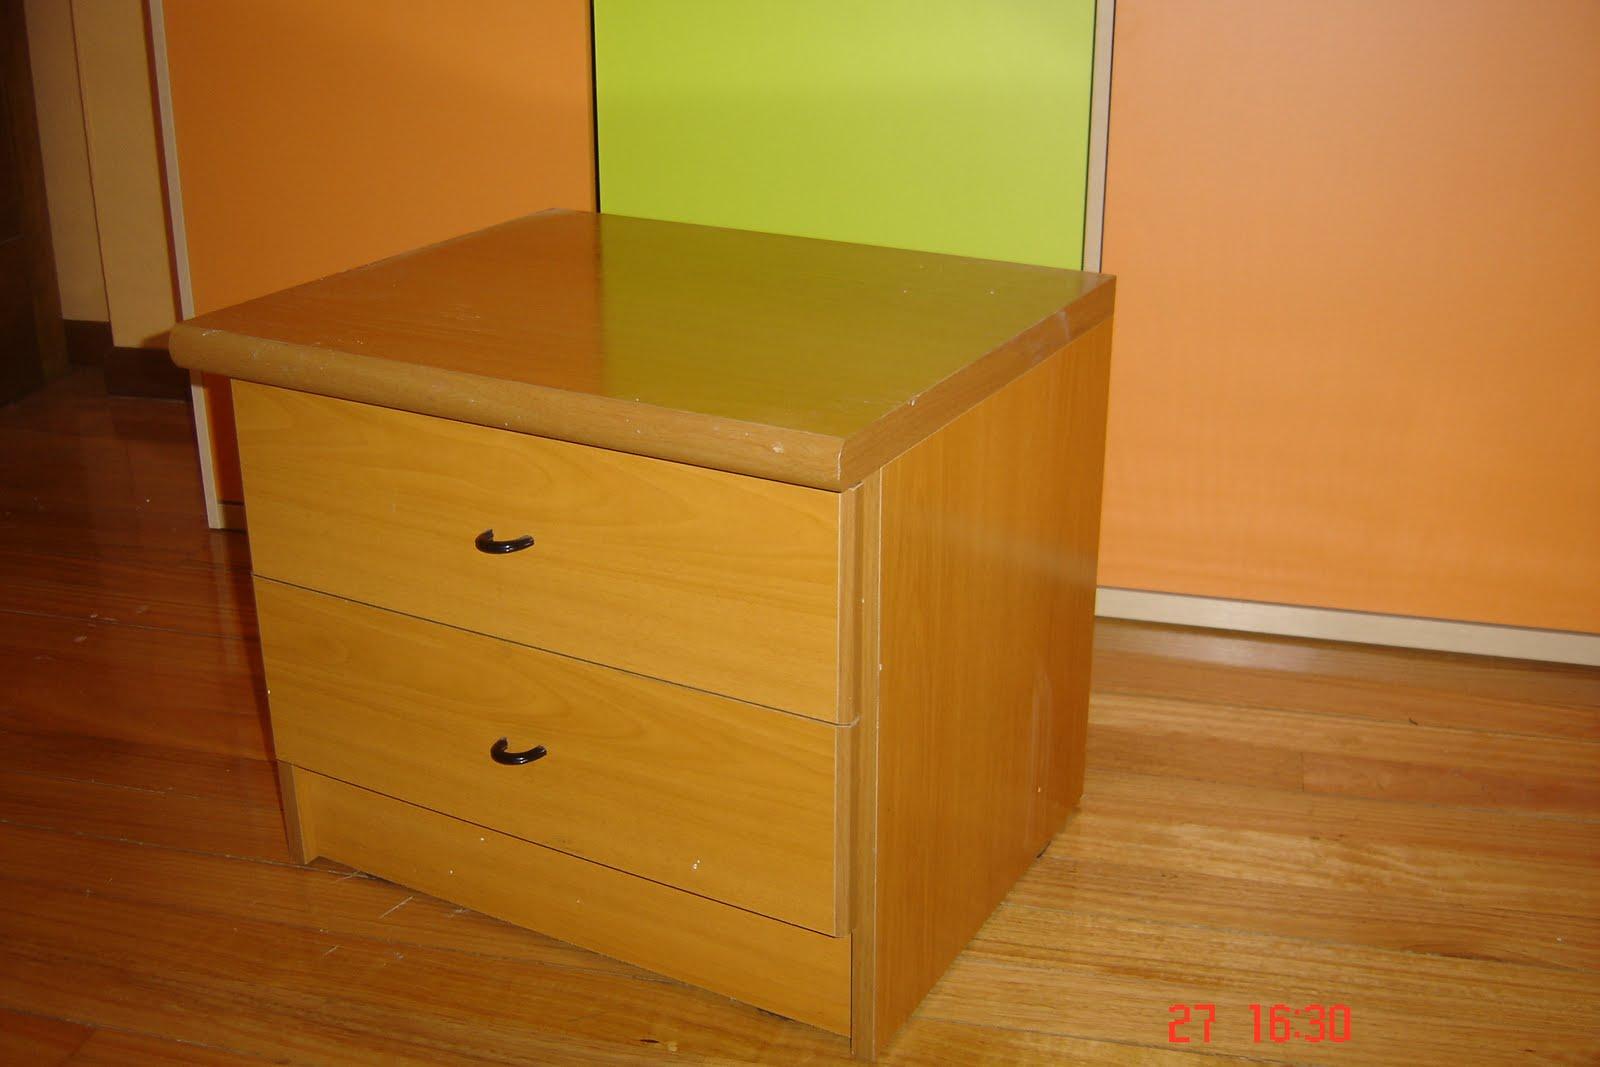 Acocon consumo consciente fotos taller restauraci n de - Taller restauracion muebles ...